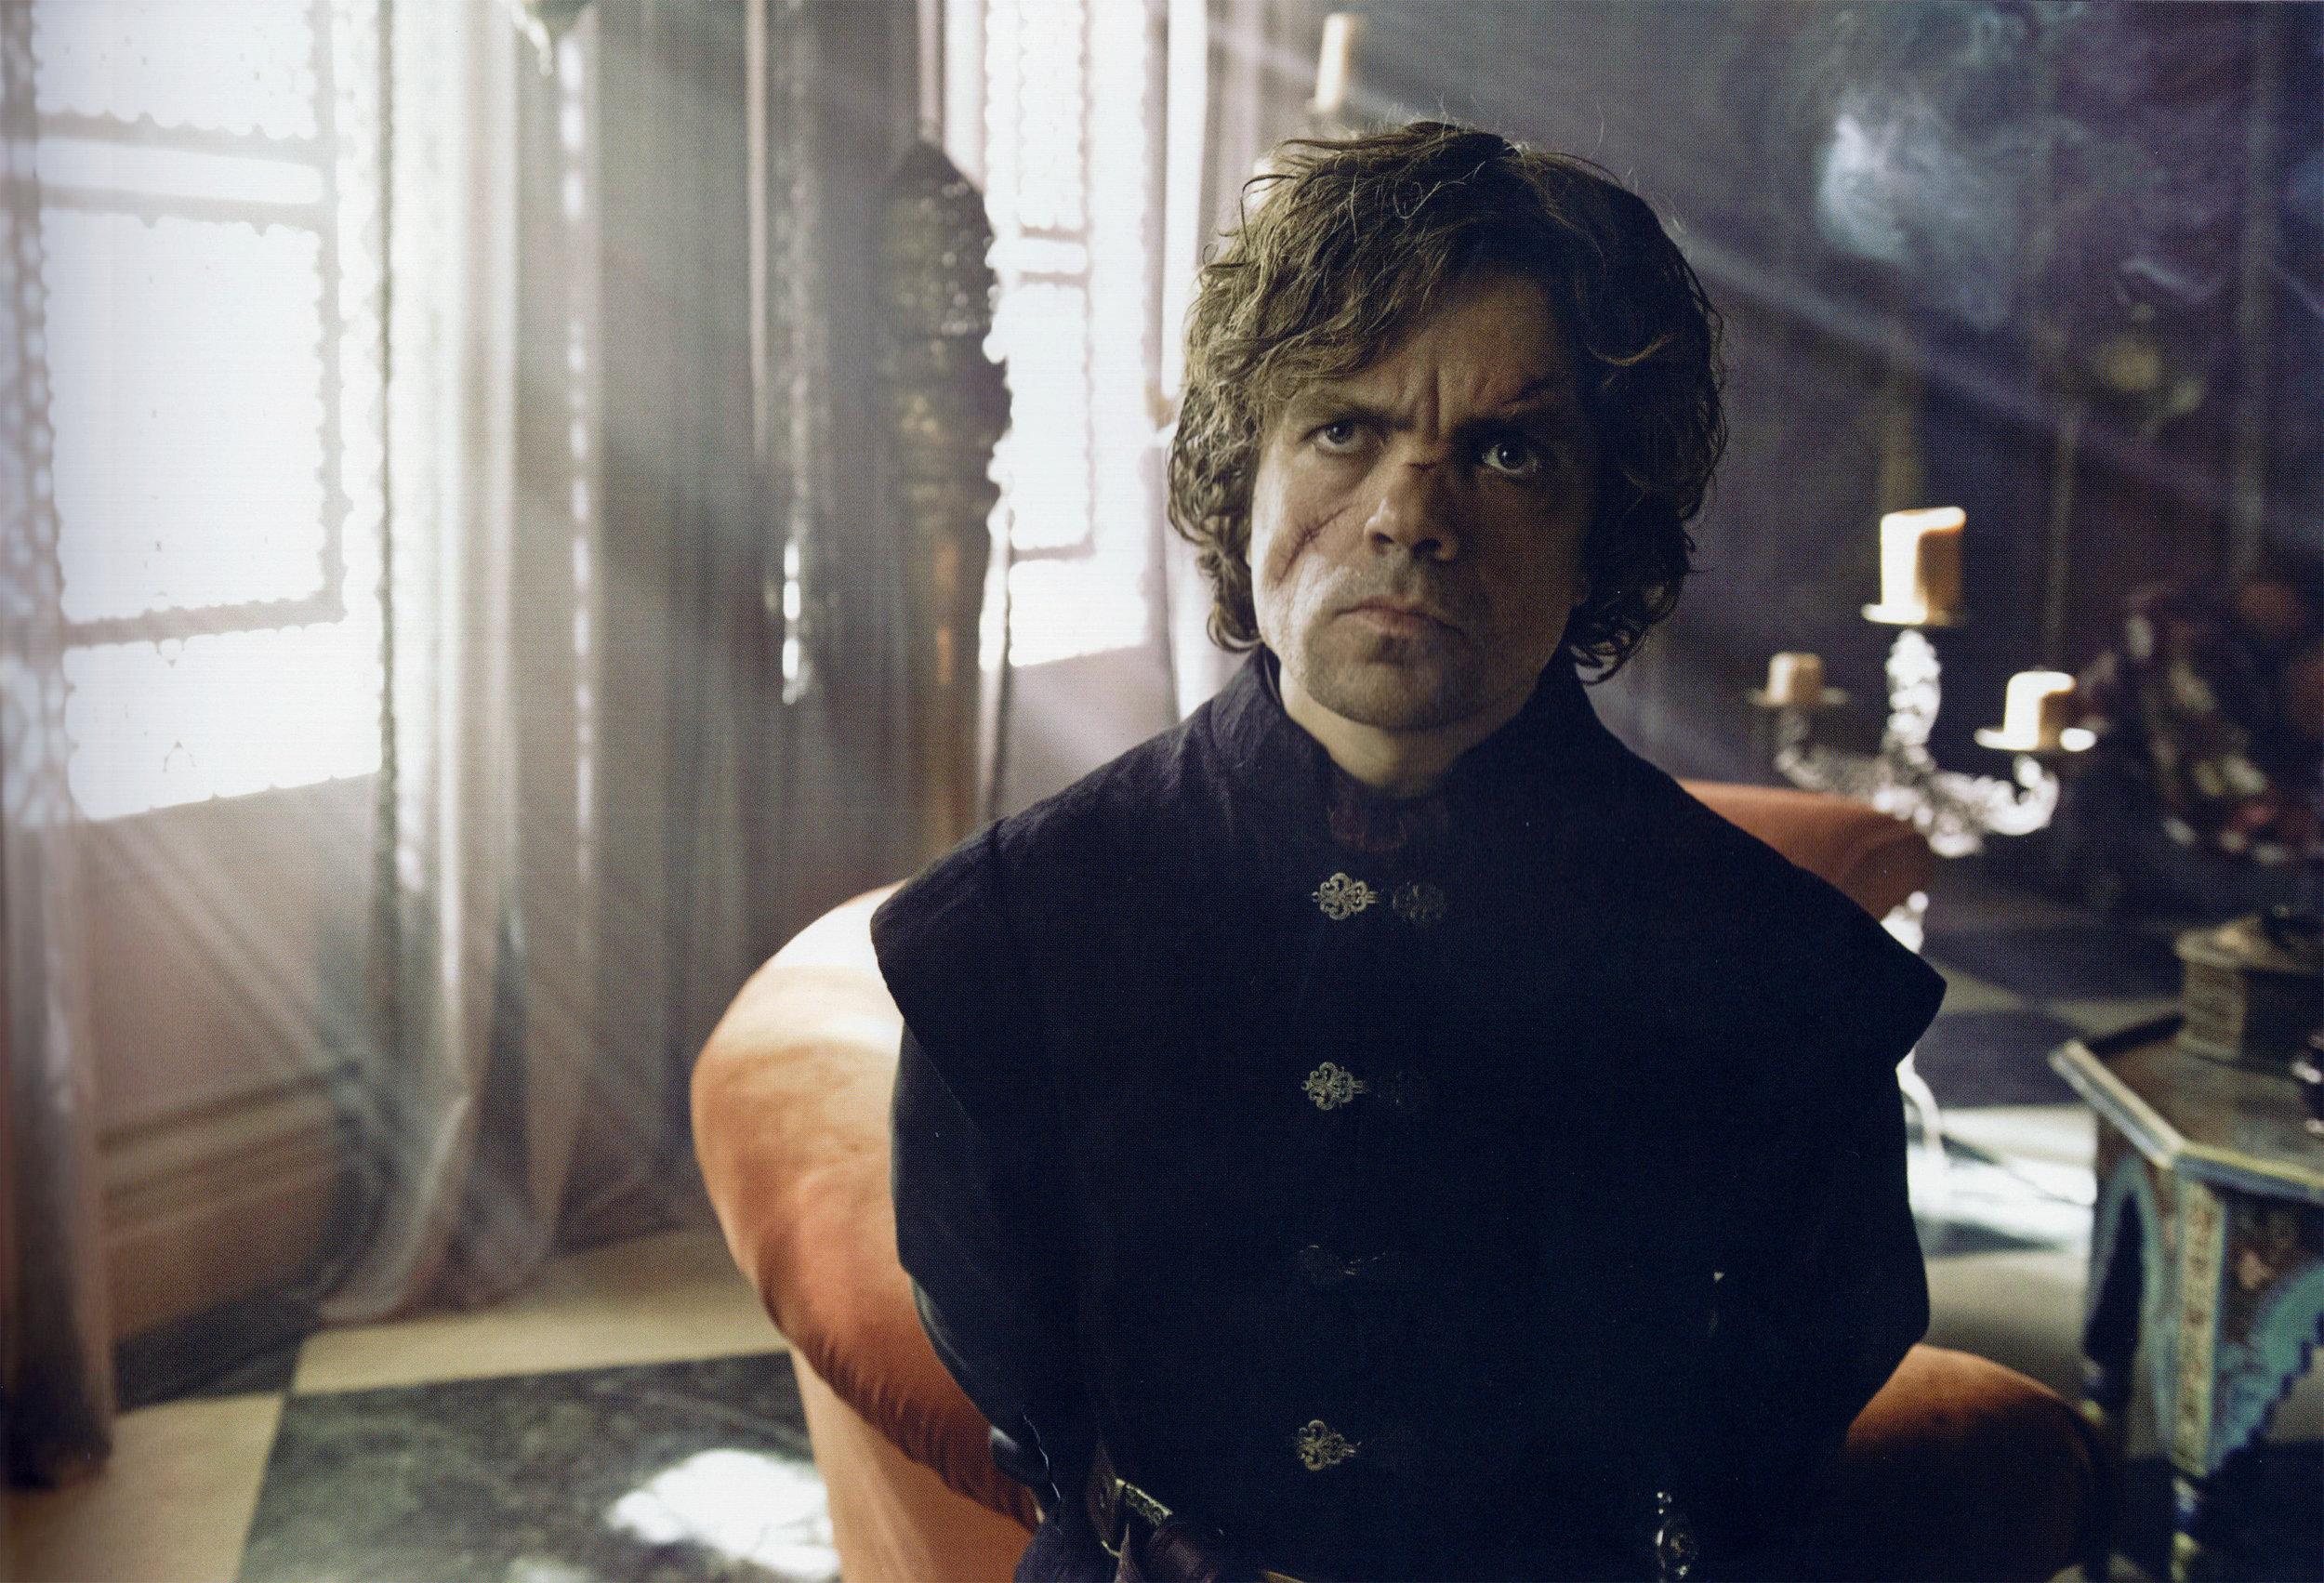 Titanic-Studios-Game-Of-Thrones-2.jpg